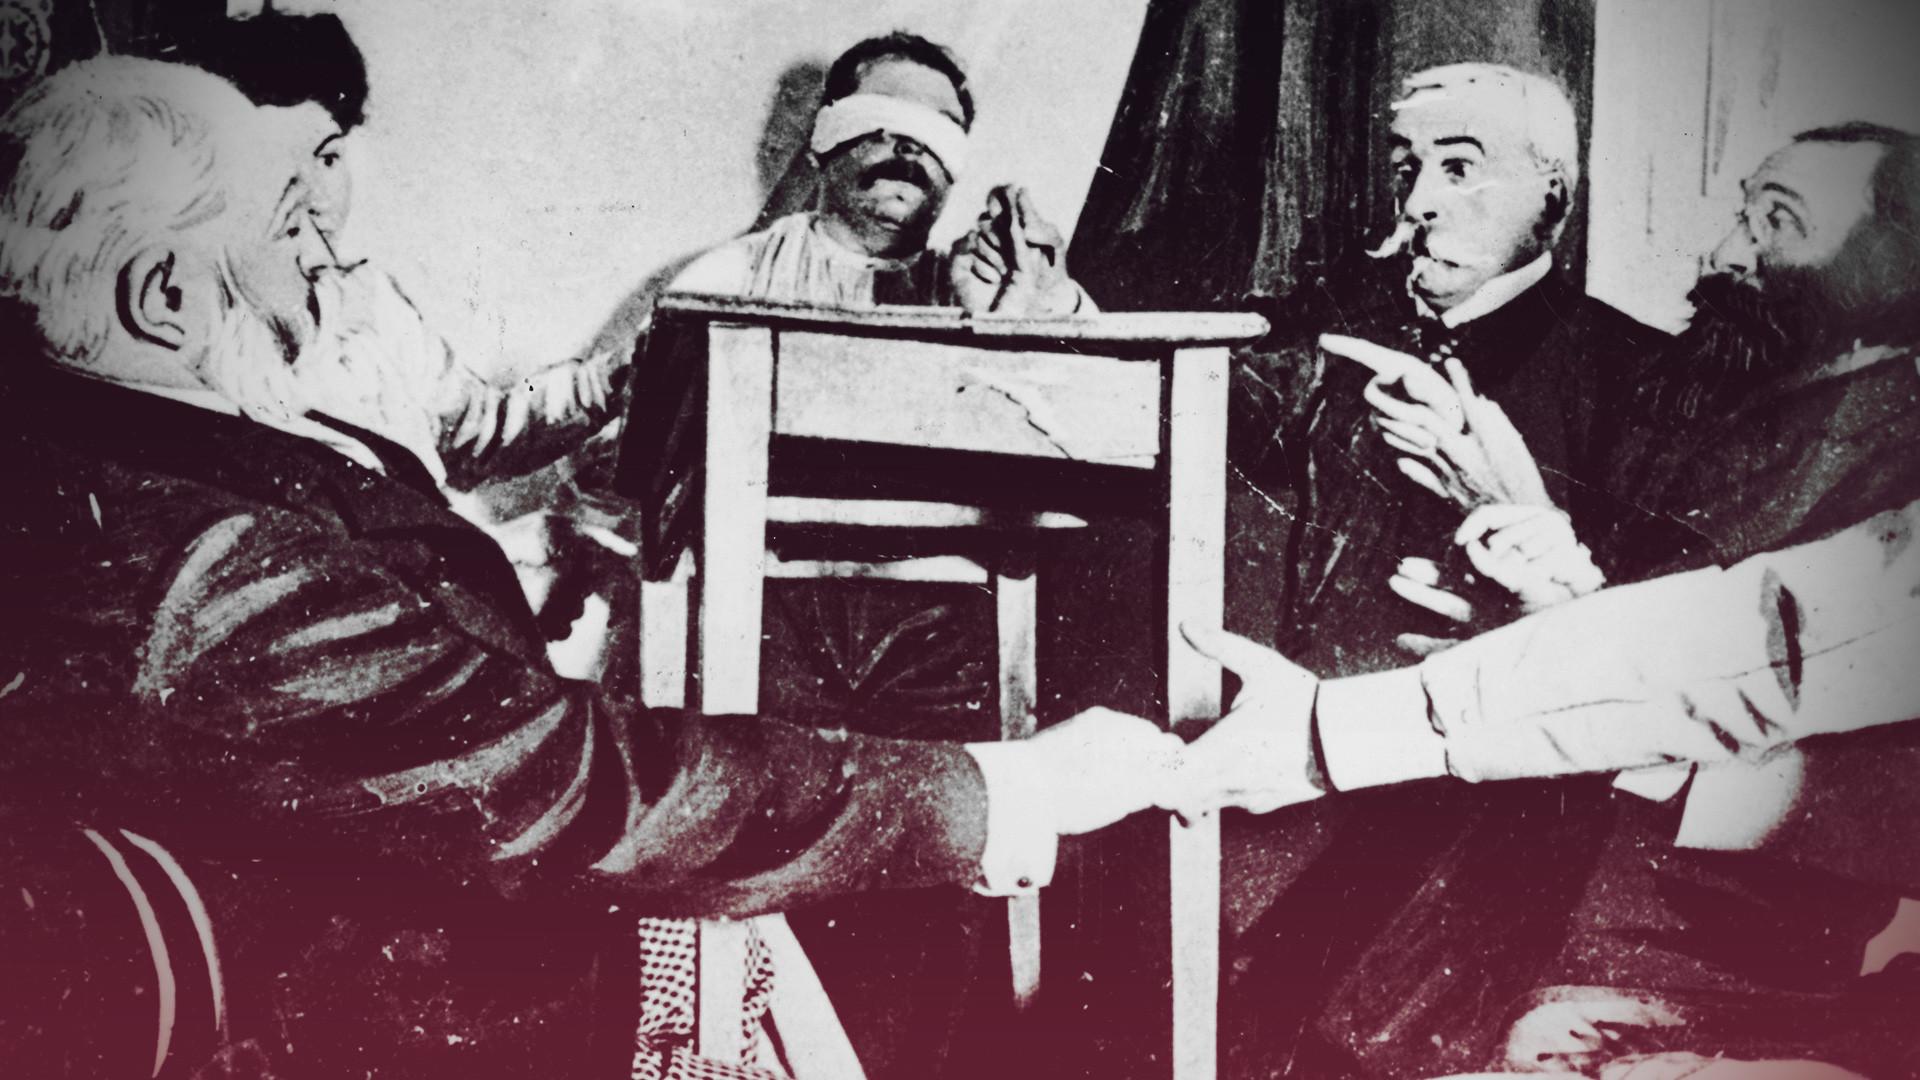 Une séance de spiritisme en France vers 1870